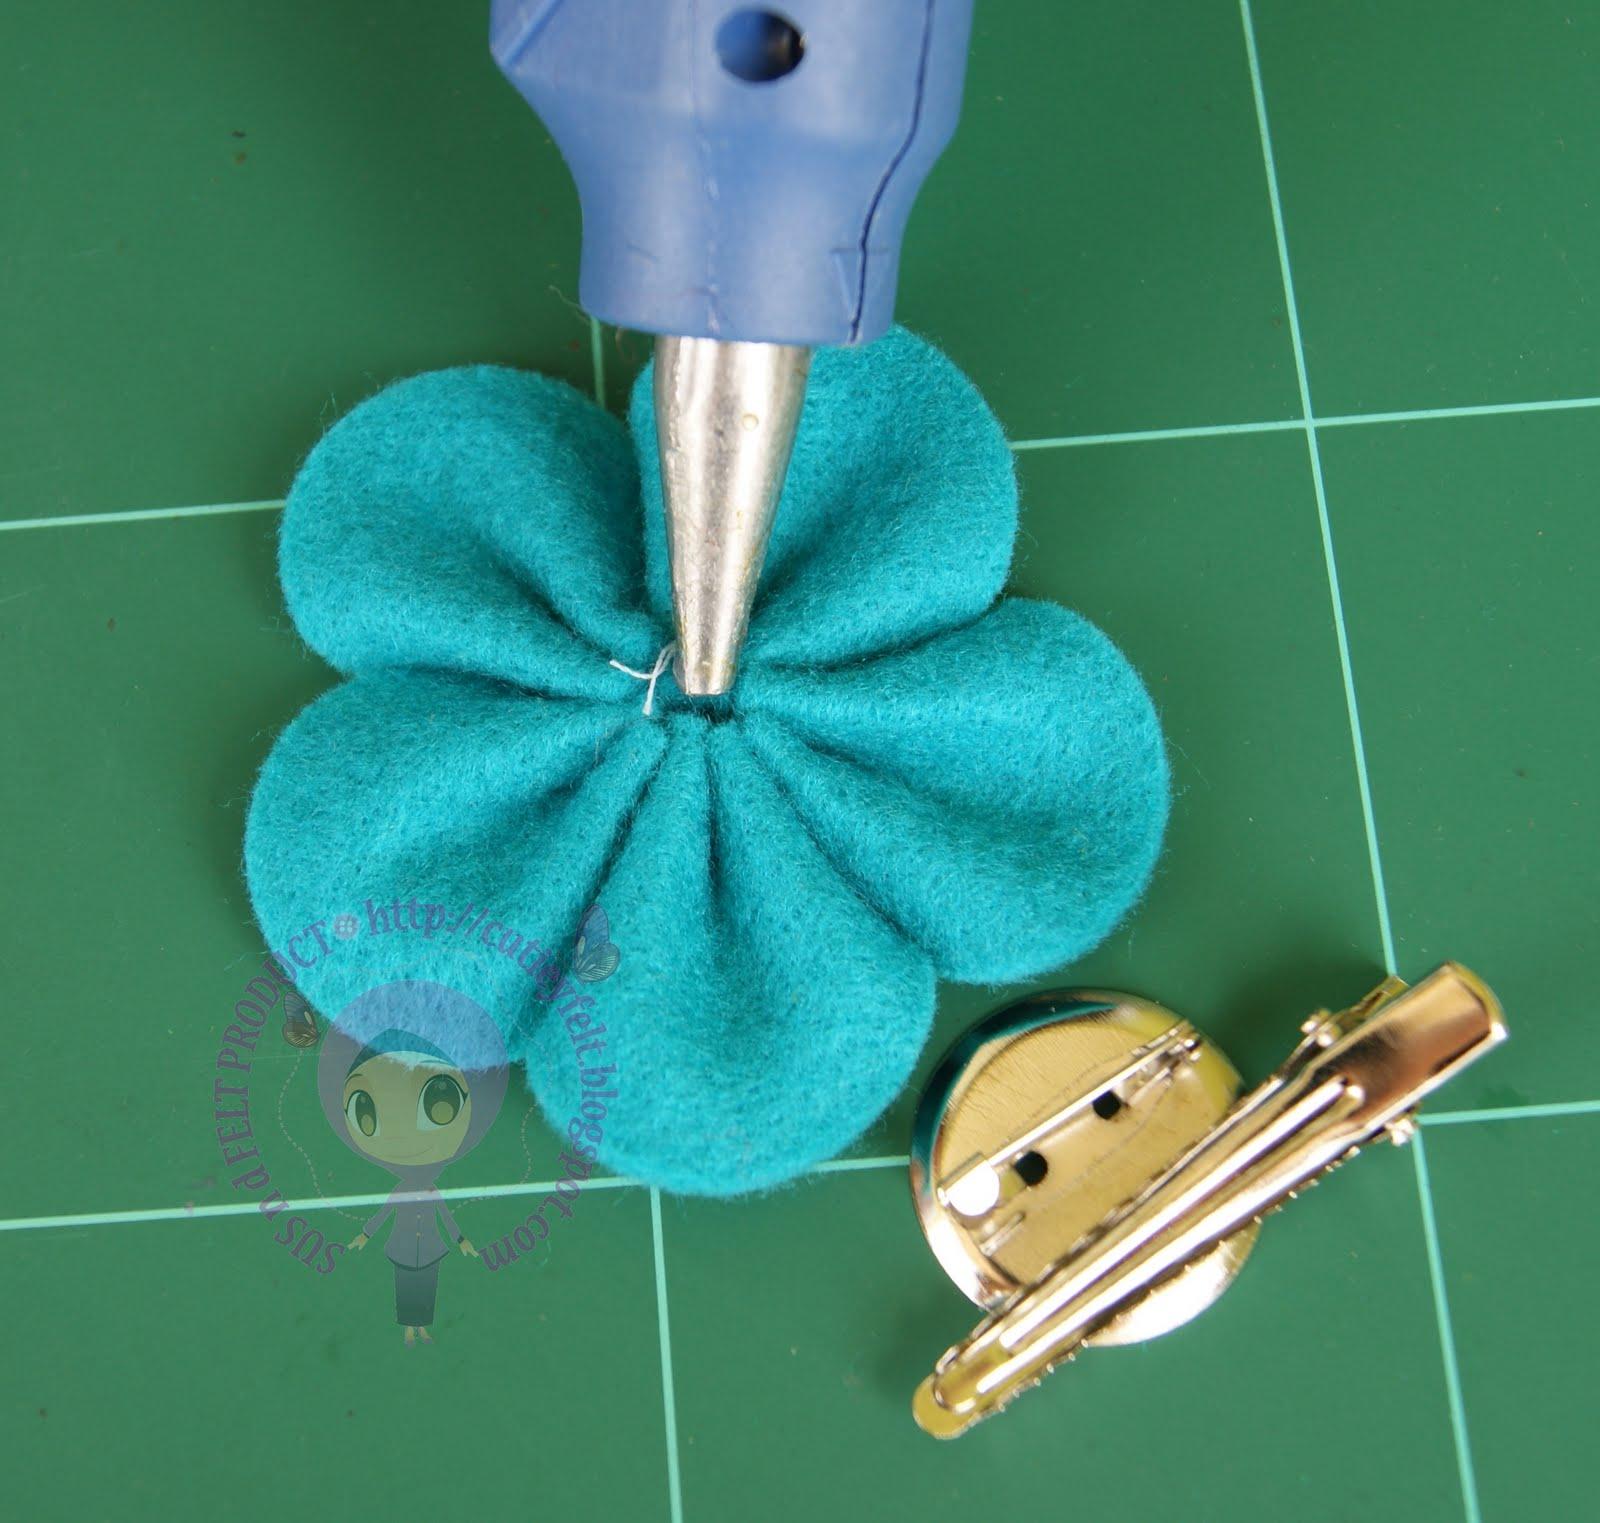 MISZ LU'LU mahu jadikan bunga kemboja ini sebagai hair clip + brooch